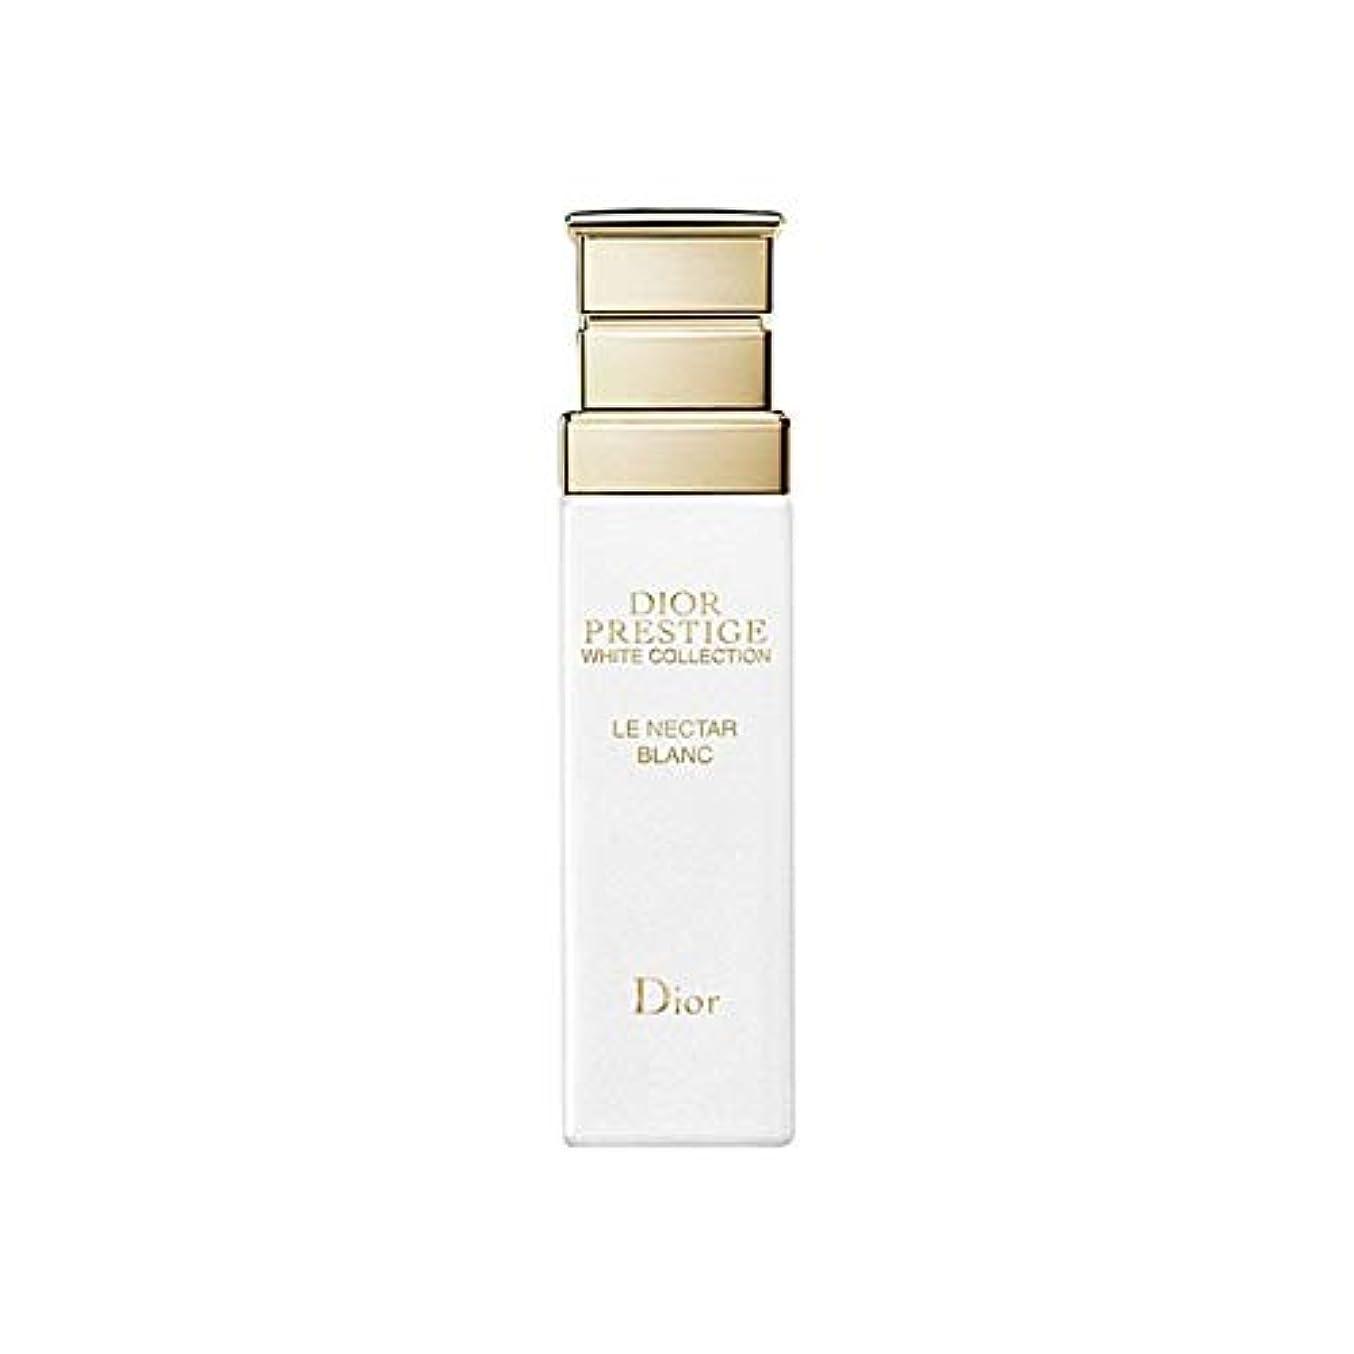 虚栄心スペシャリストおもてなし[Dior] ディオール威信明るくセラム30Ml - Dior Prestige Brightening Serum 30ml [並行輸入品]